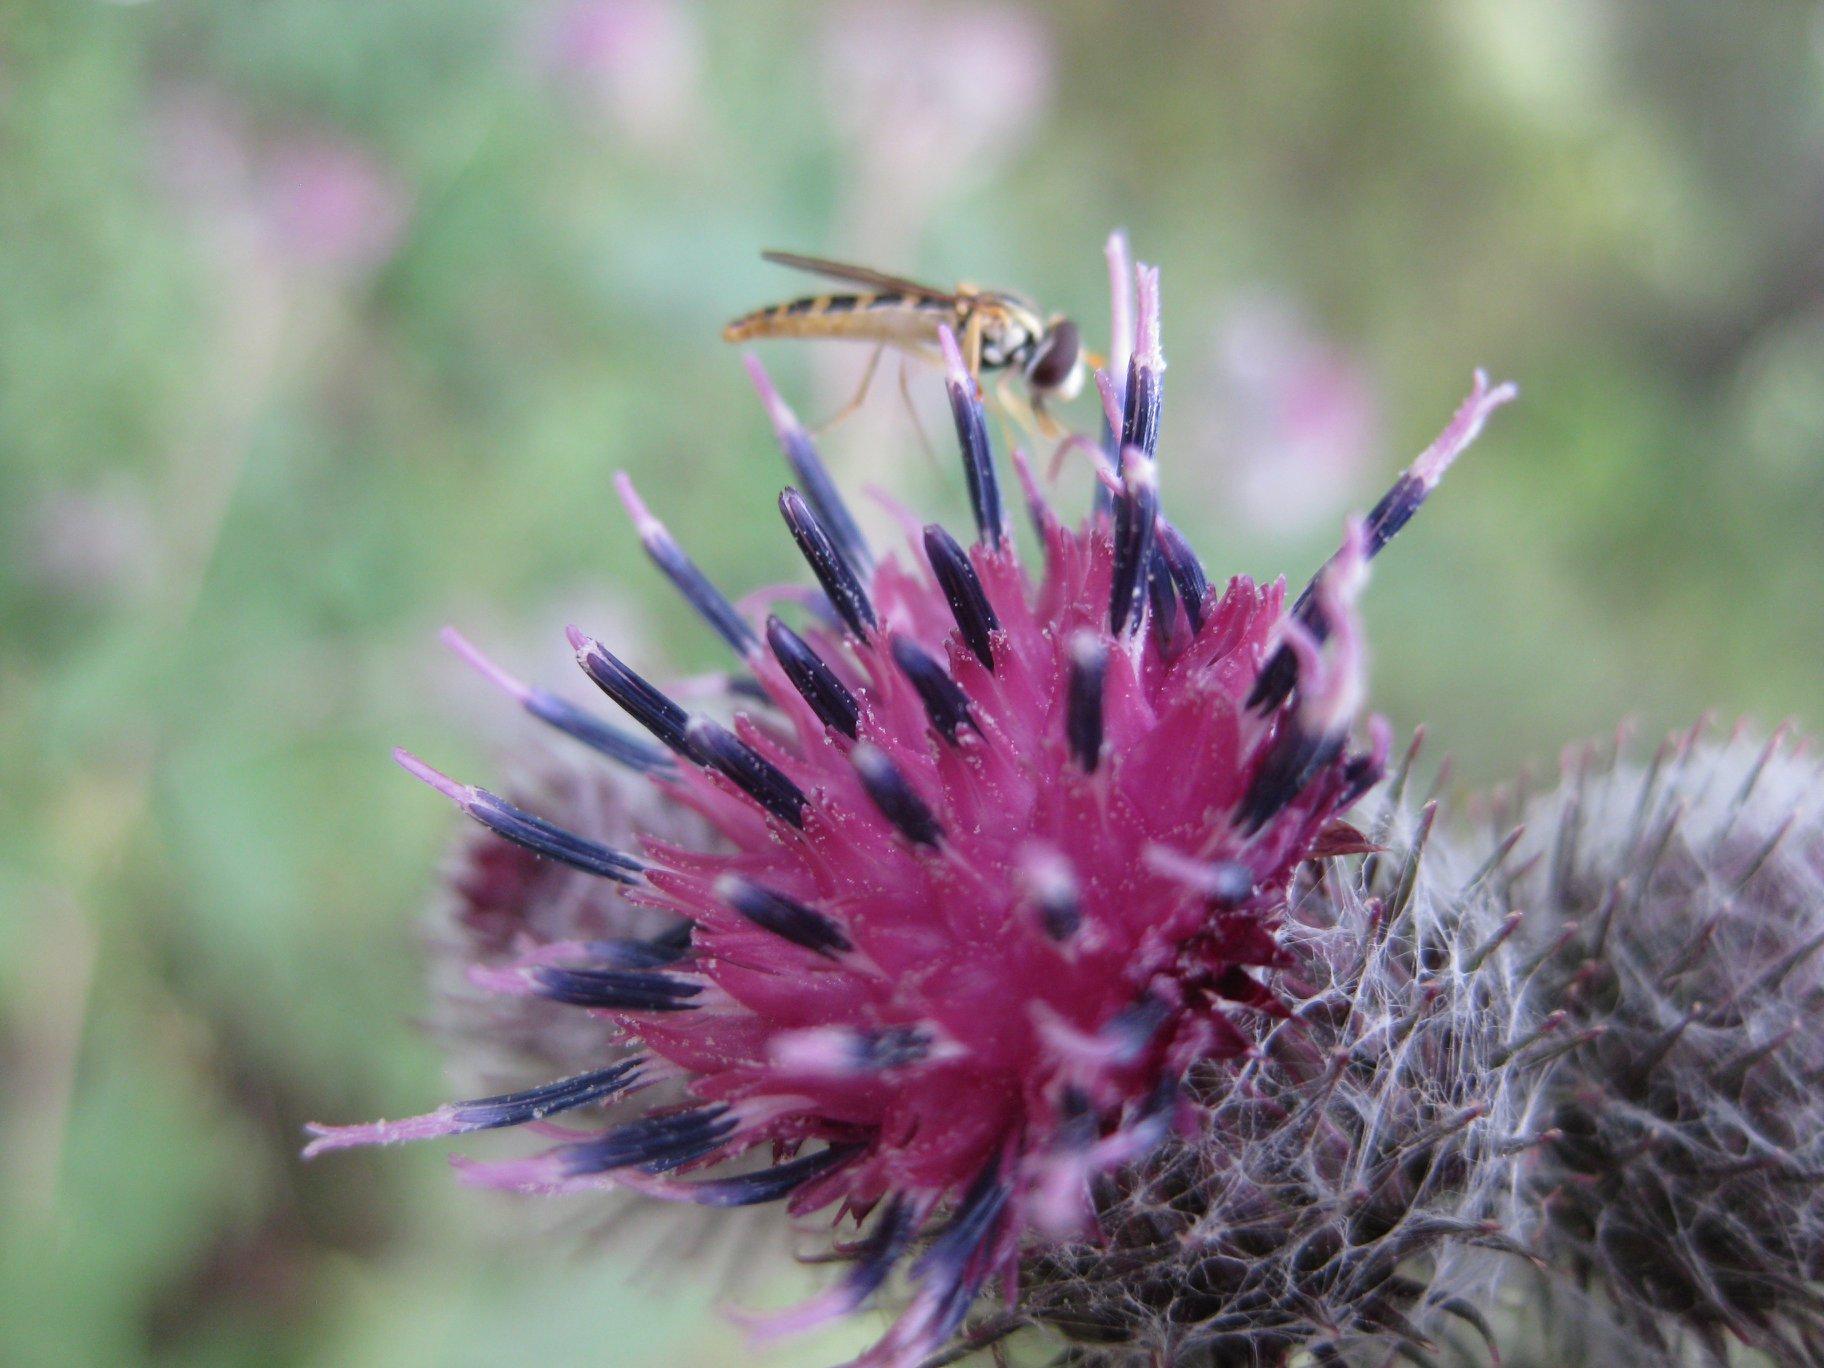 Große Klette - Darstellung der Blüte mit Schwebfliege